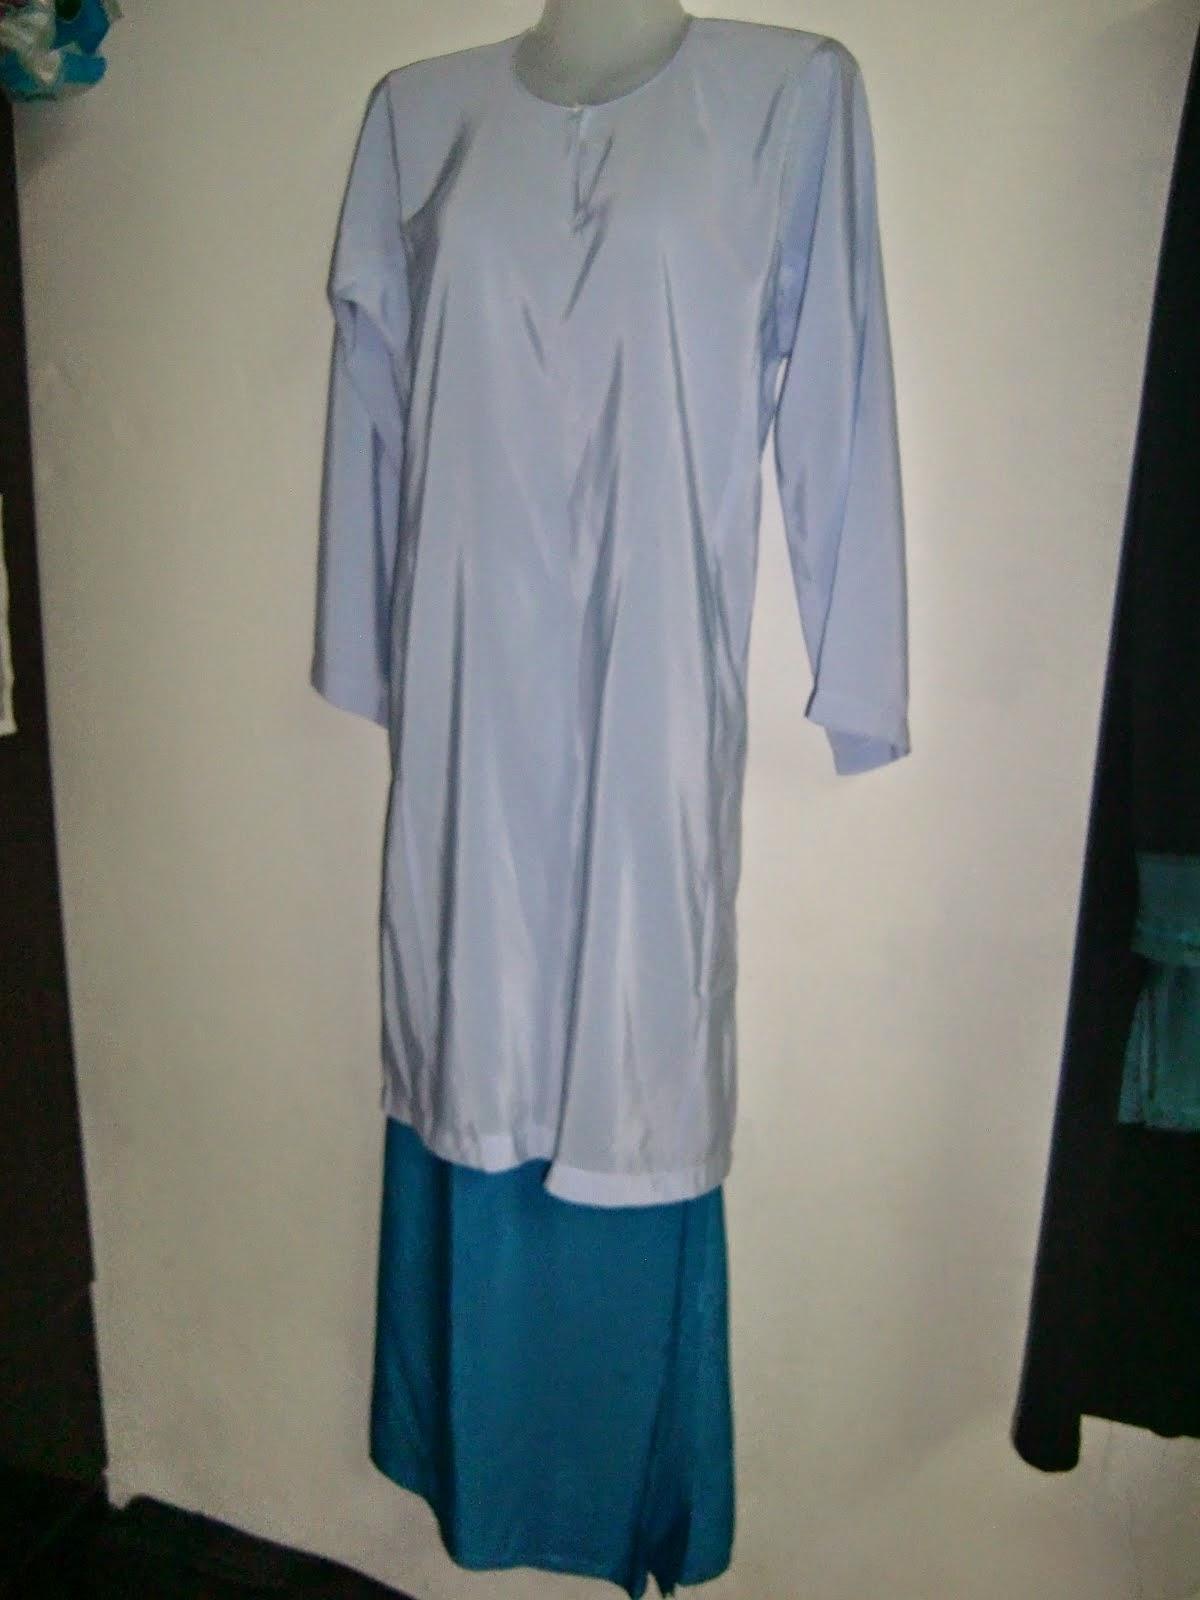 Pelajar Wanita Yang Dilarang Pakai Baju Kurung Ke Sekolah